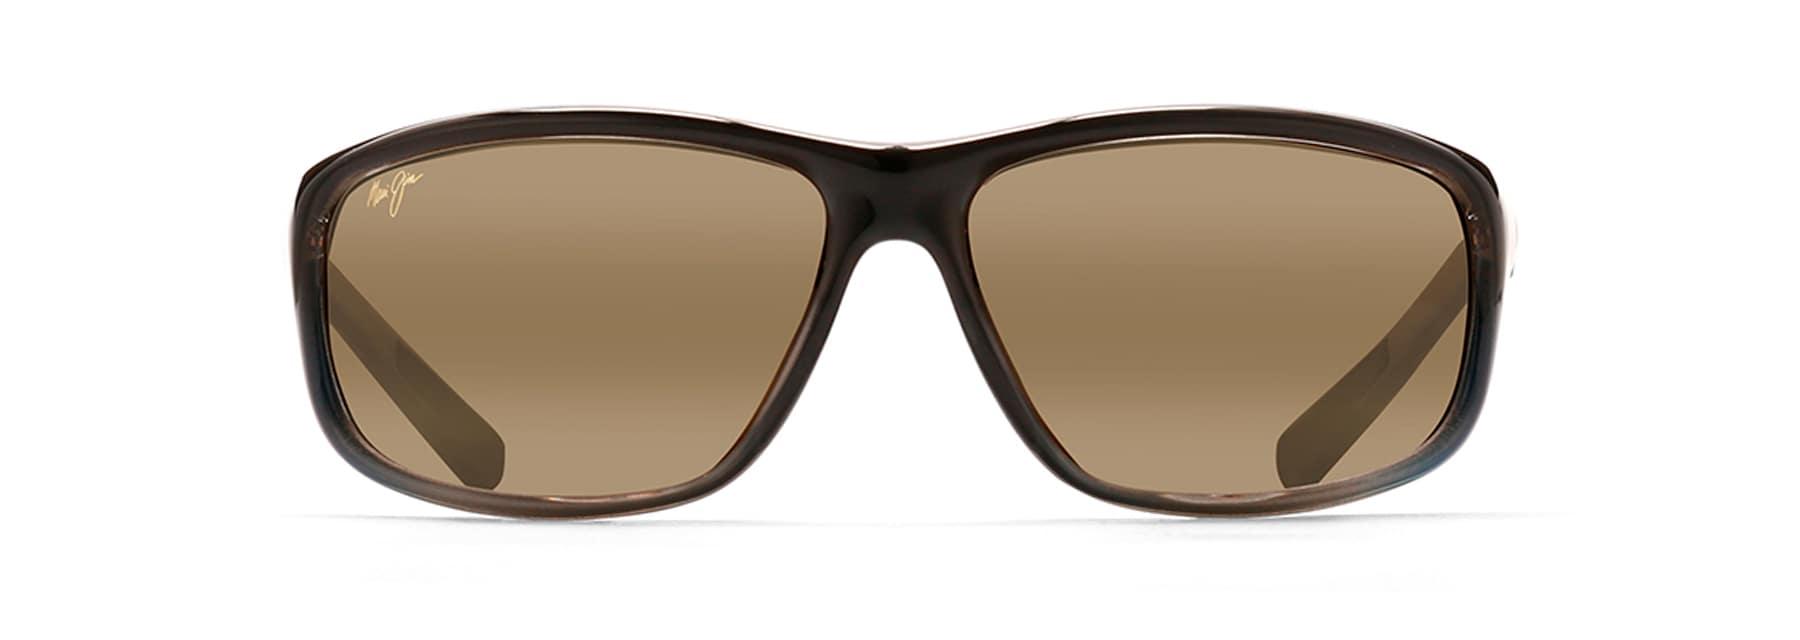 fc509a67cff030 Spartan Reef lunettes de soleil polarisées   Maui Jim®